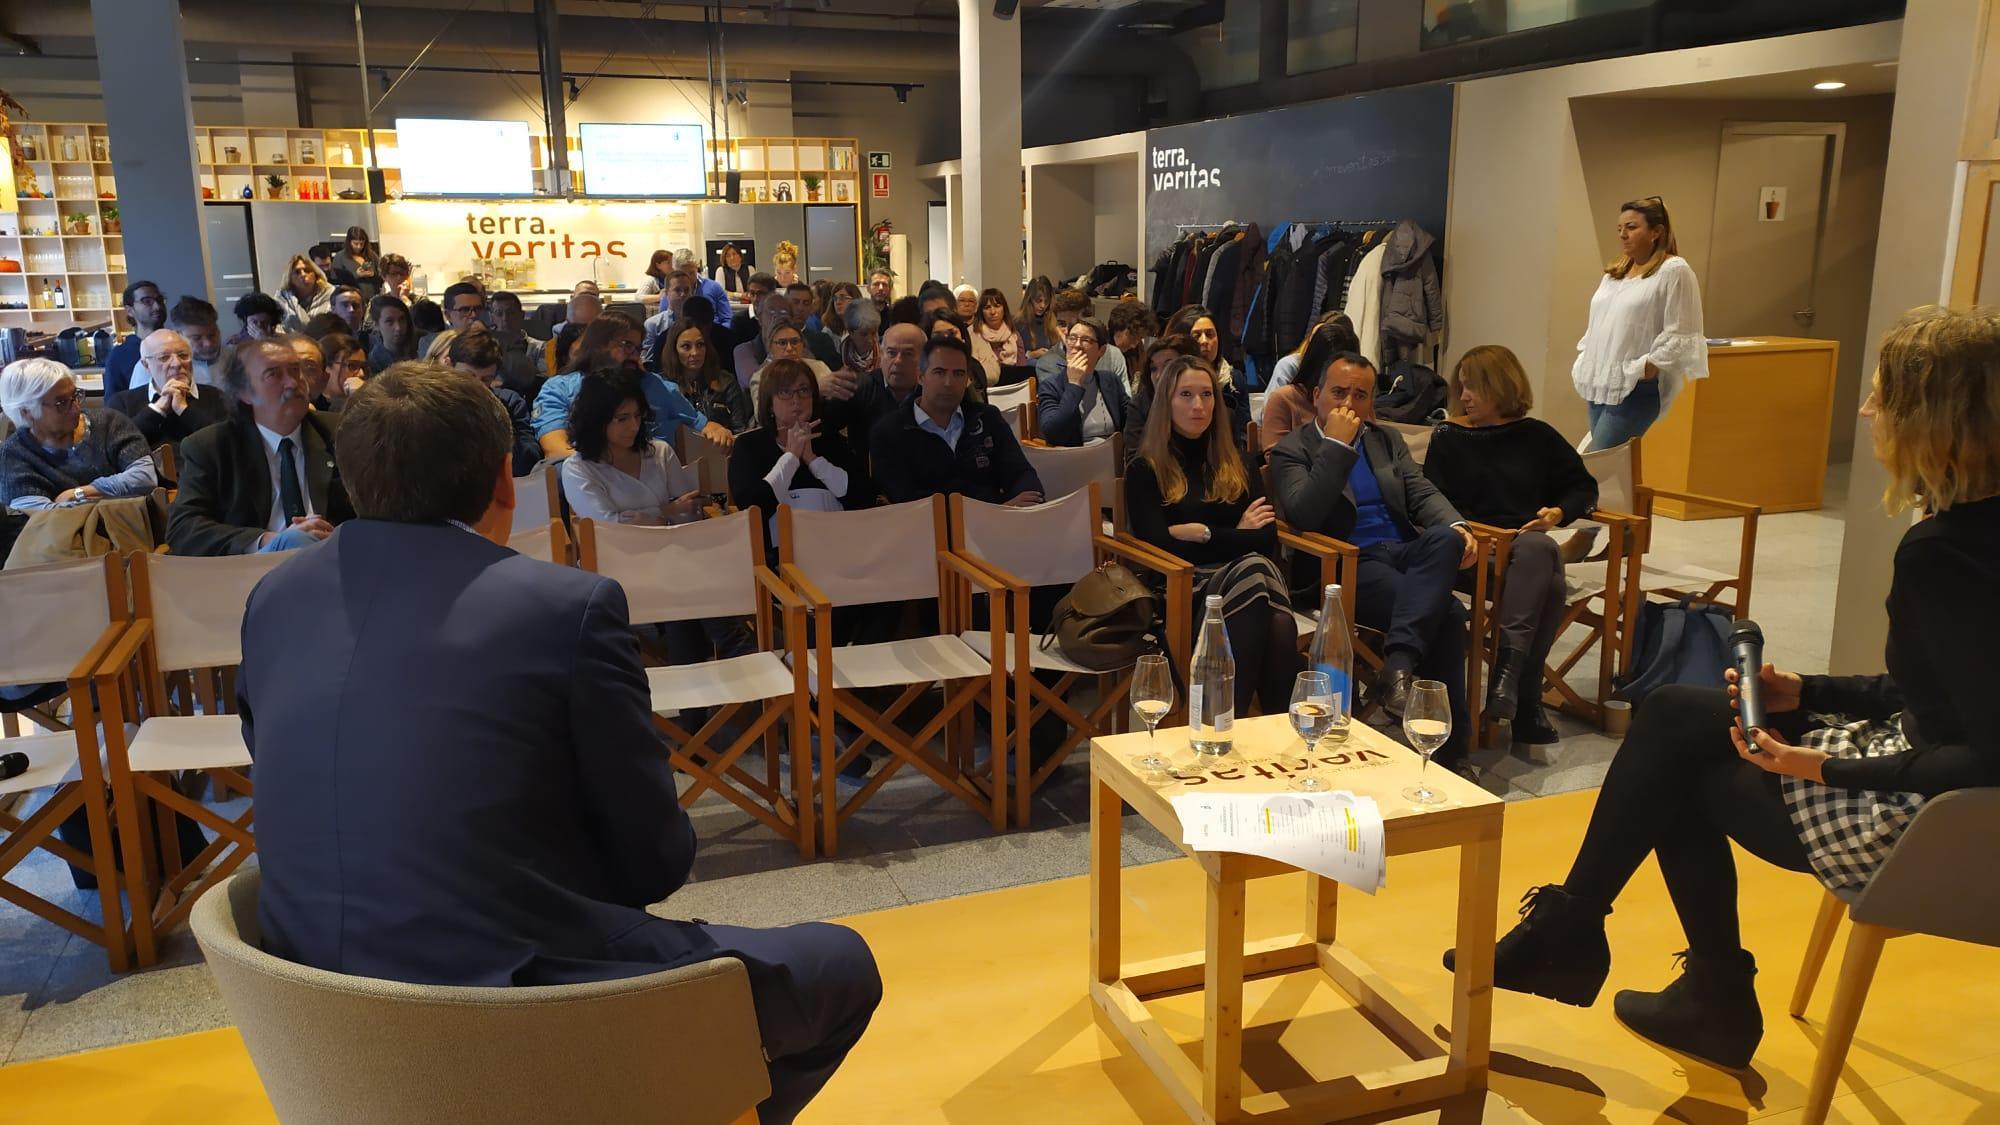 Vista del público escuchando los ponentes sobre